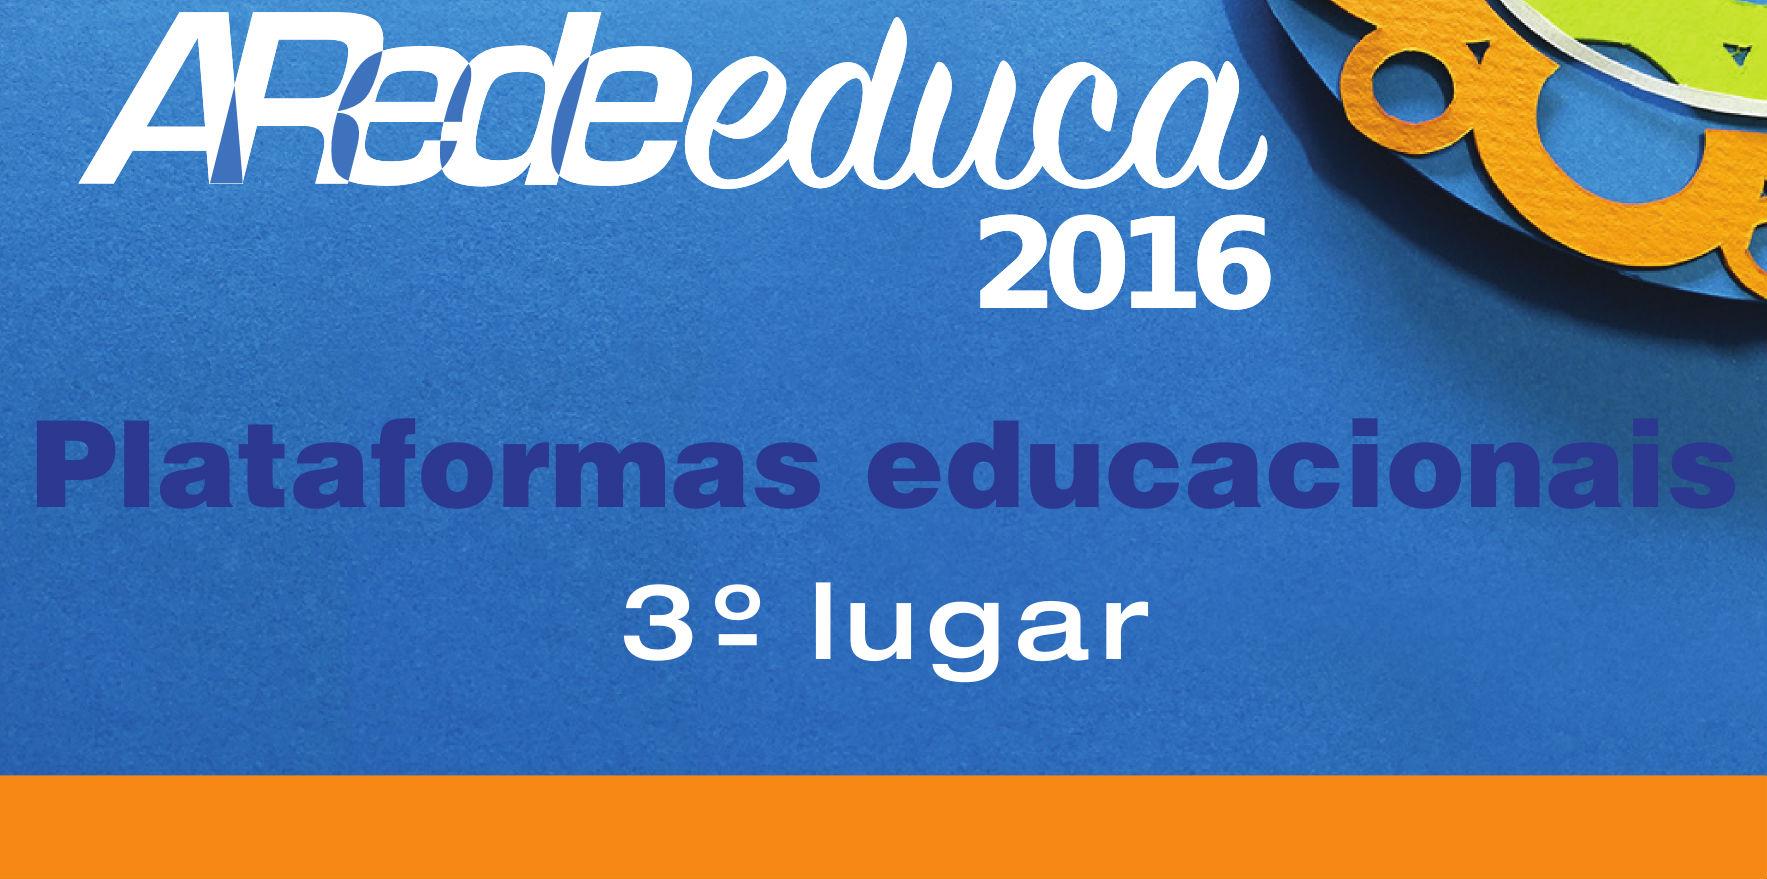 TIM Tec é 3º no Prêmio ARede Educa